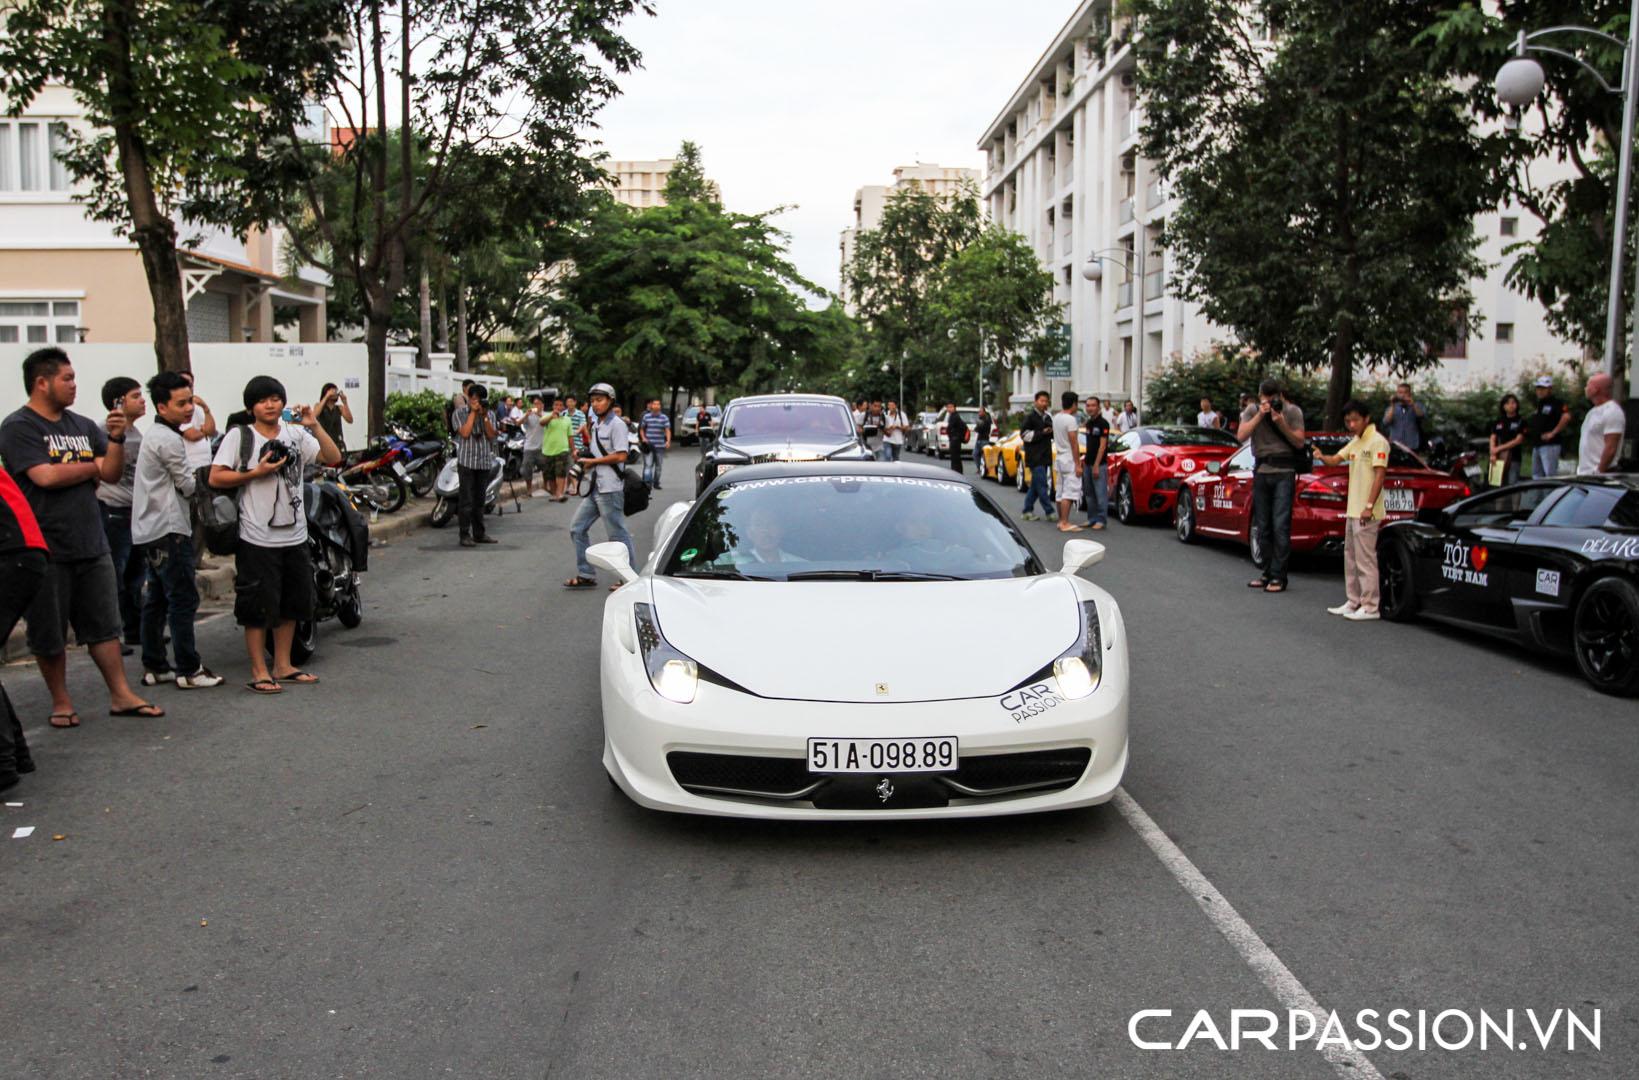 CP-Hành trình siêu xe CarPassion 2011 (6).jpg